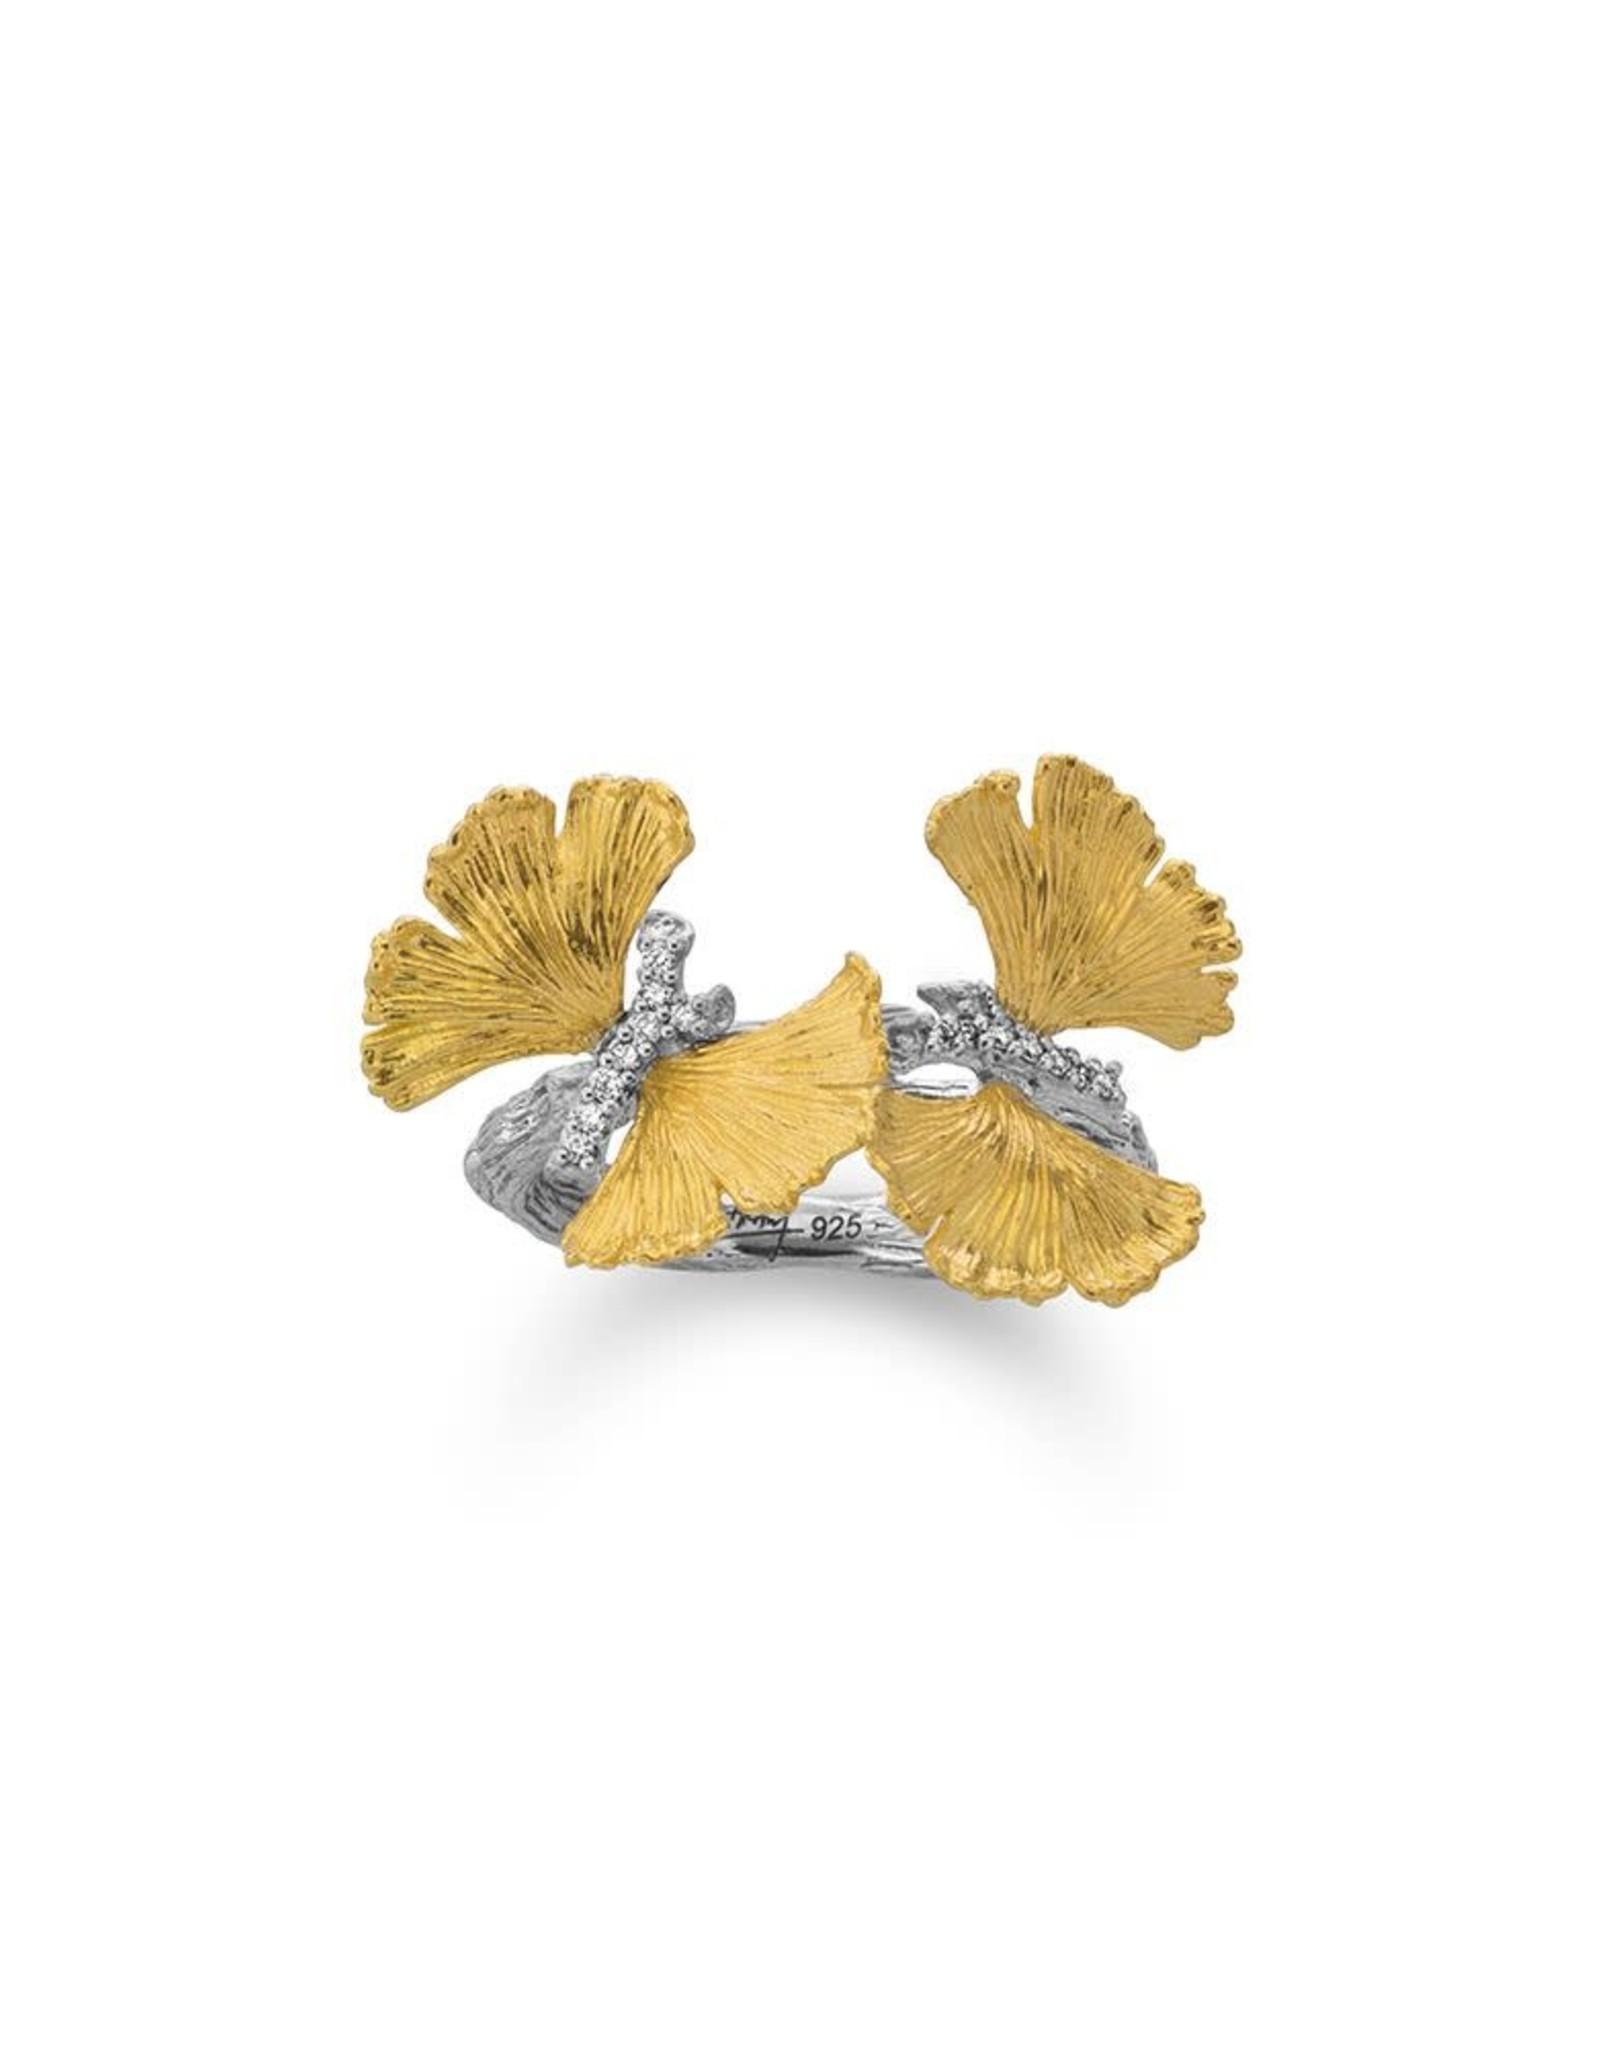 Michael Aram BUTTERFLY GINKGO DOUBLE BUTTERFLY RING W/ DIAMONDS IN STERLING SILVER & 18K YELLOW GOLD